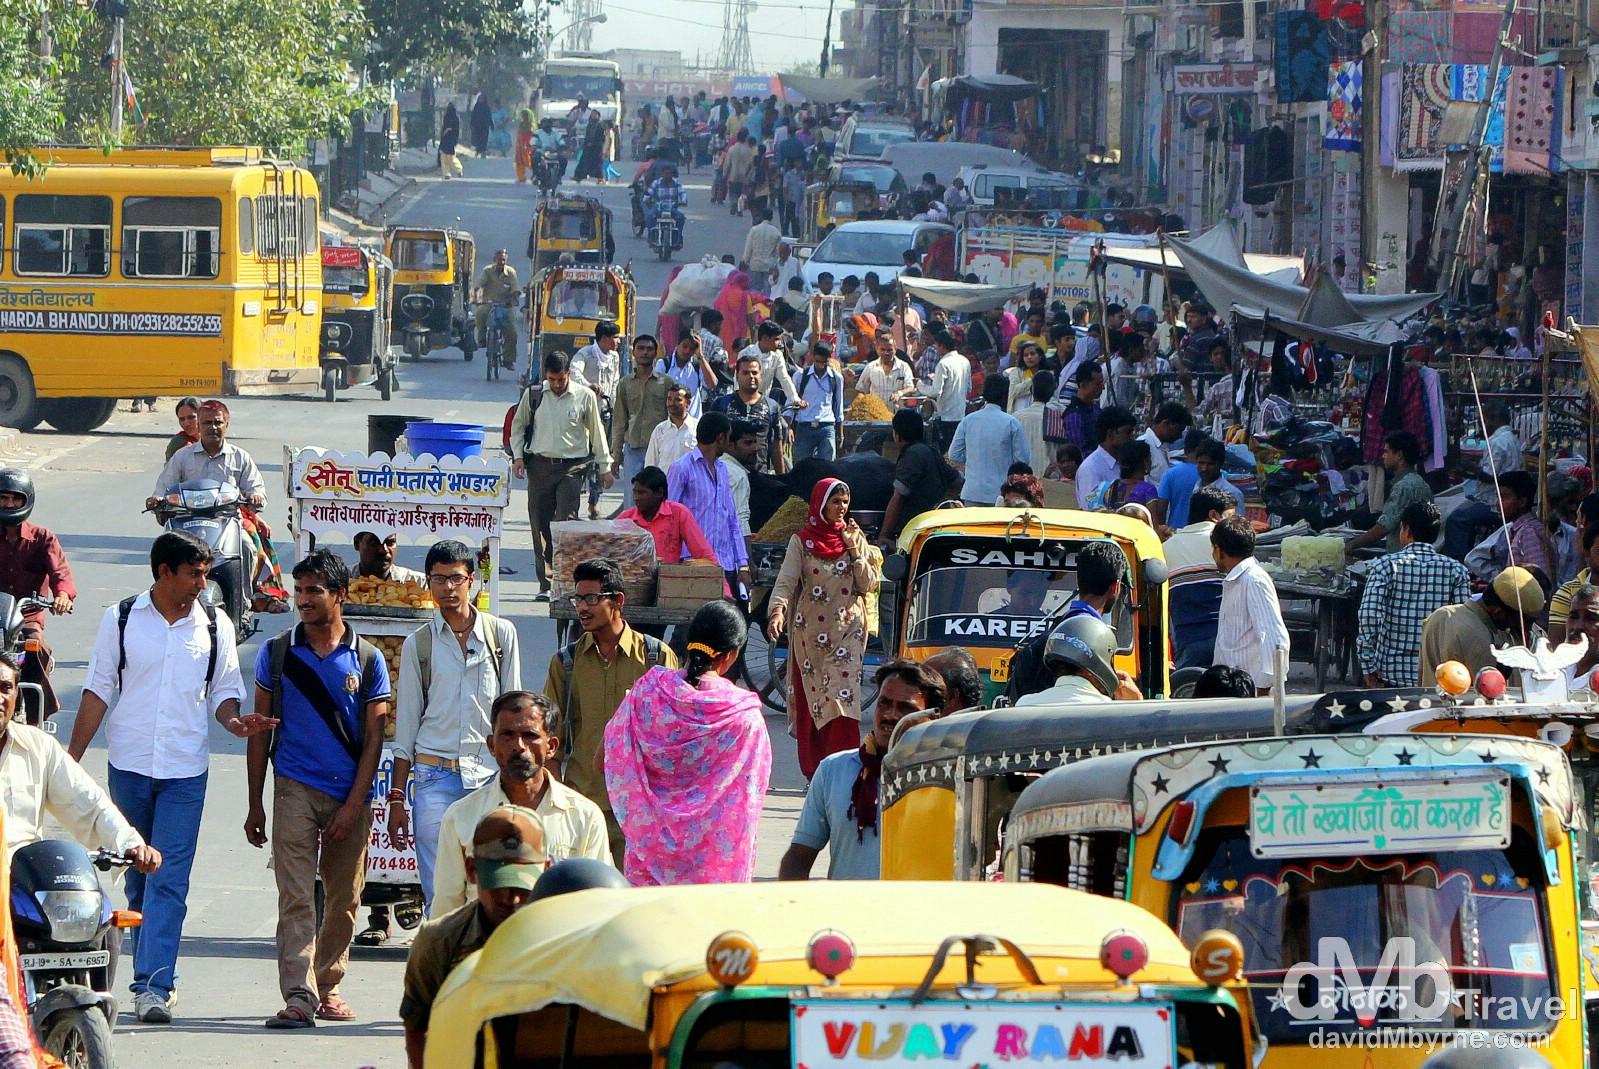 Activity down Nai Sarak as seen from Sadar Market, Old Town, Jodhpur, Rajasthan, India. October 6th 2012.